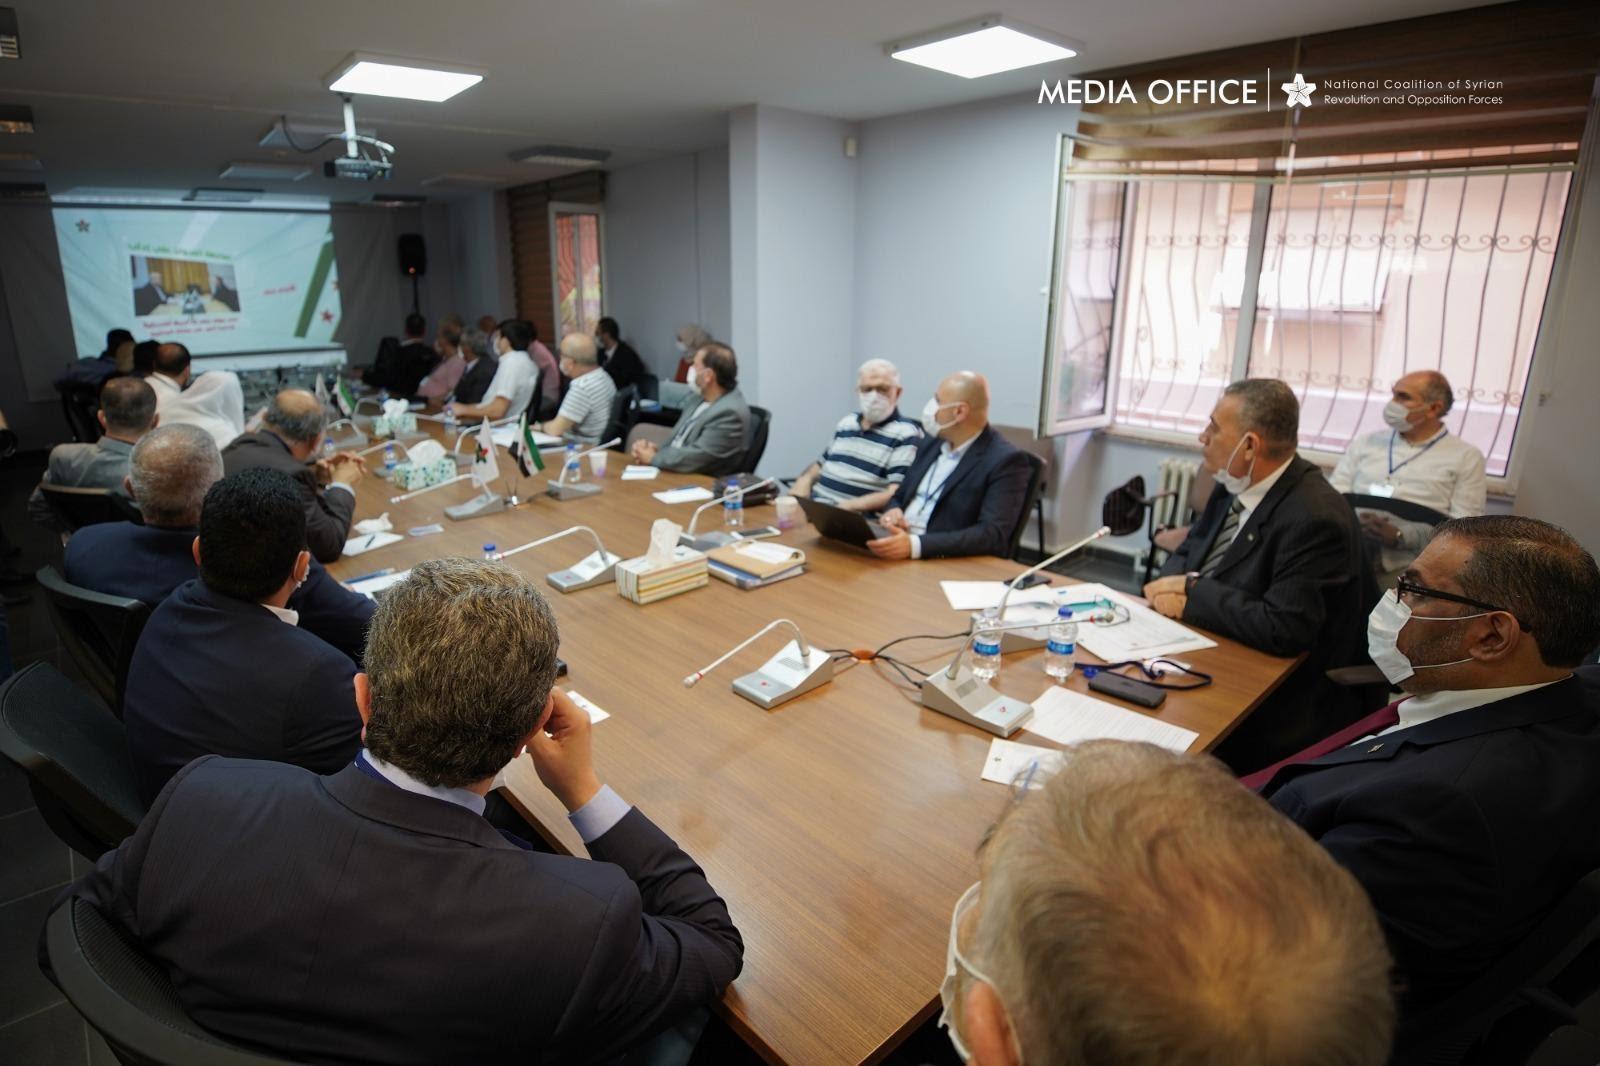 الهيئة العامة تختتم اجتماعها وتؤكد على ضرورة منع روسيا من تعطيل المؤسسات الدولية